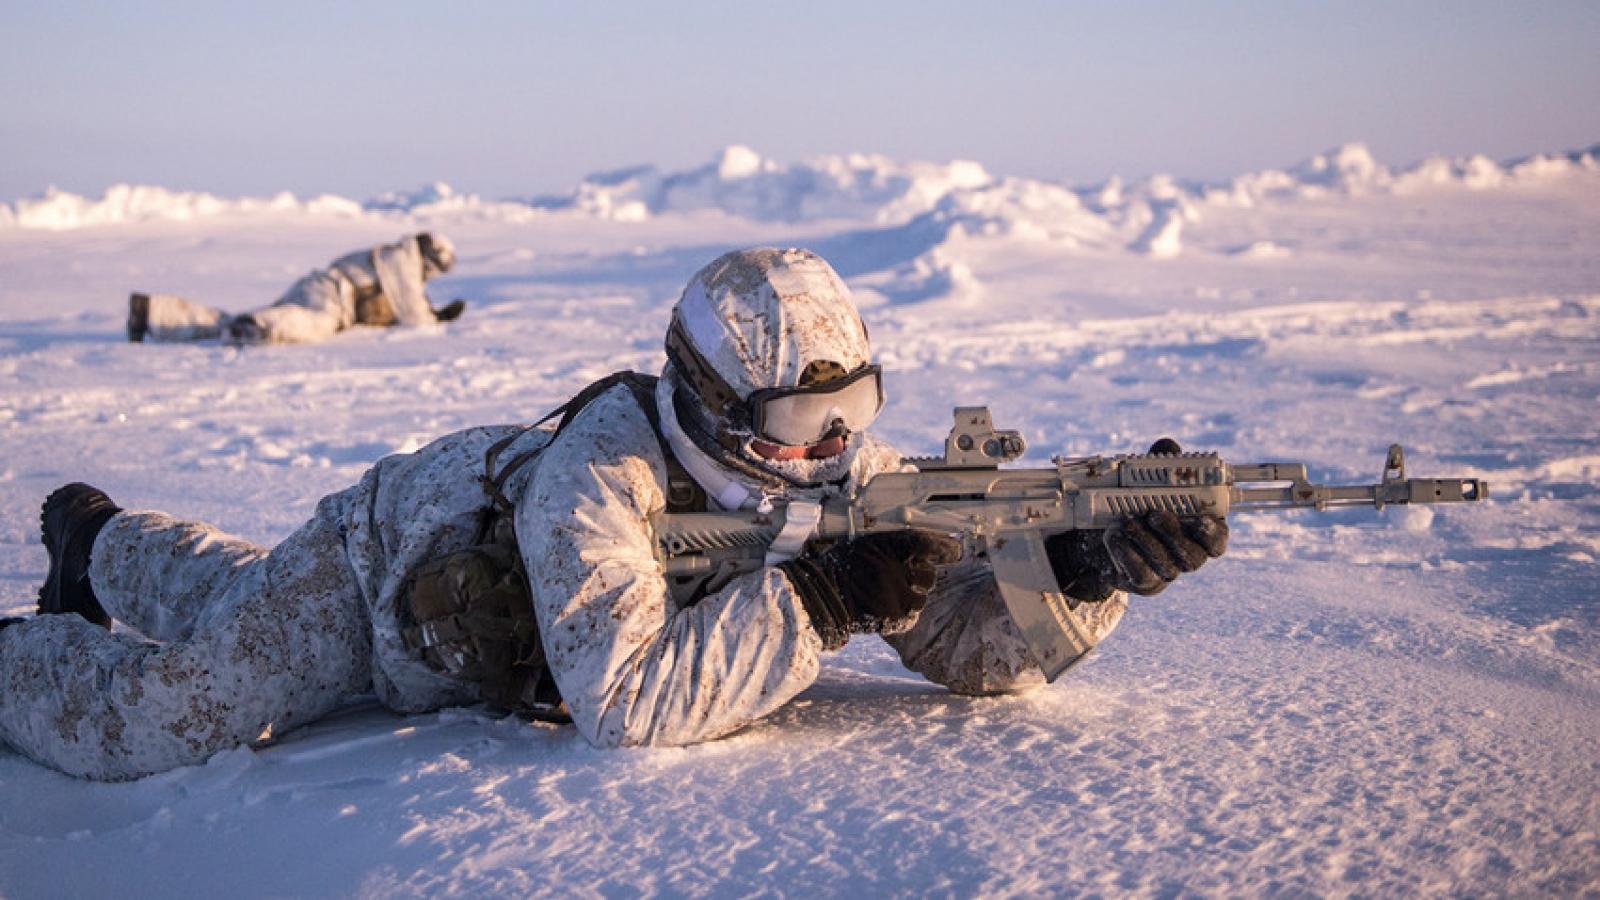 Nga thử nghiệm vũ khí trong các điều kiện thời tiết khắc nghiệt như thế nào?